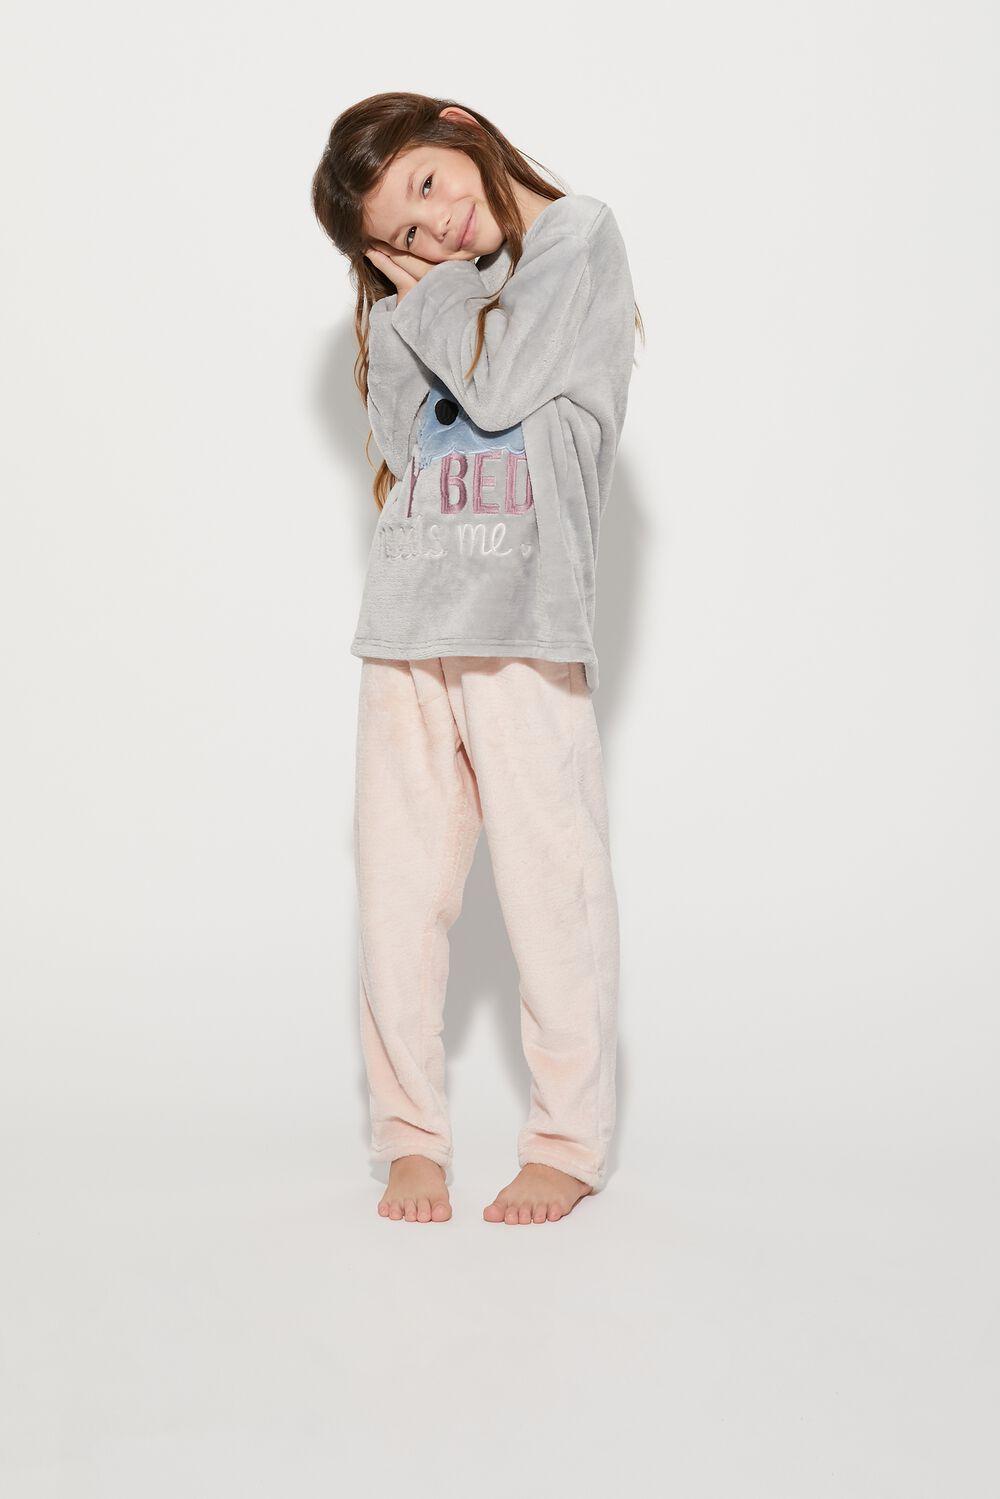 Dlhé Flaušové Pyžamo s Koalou